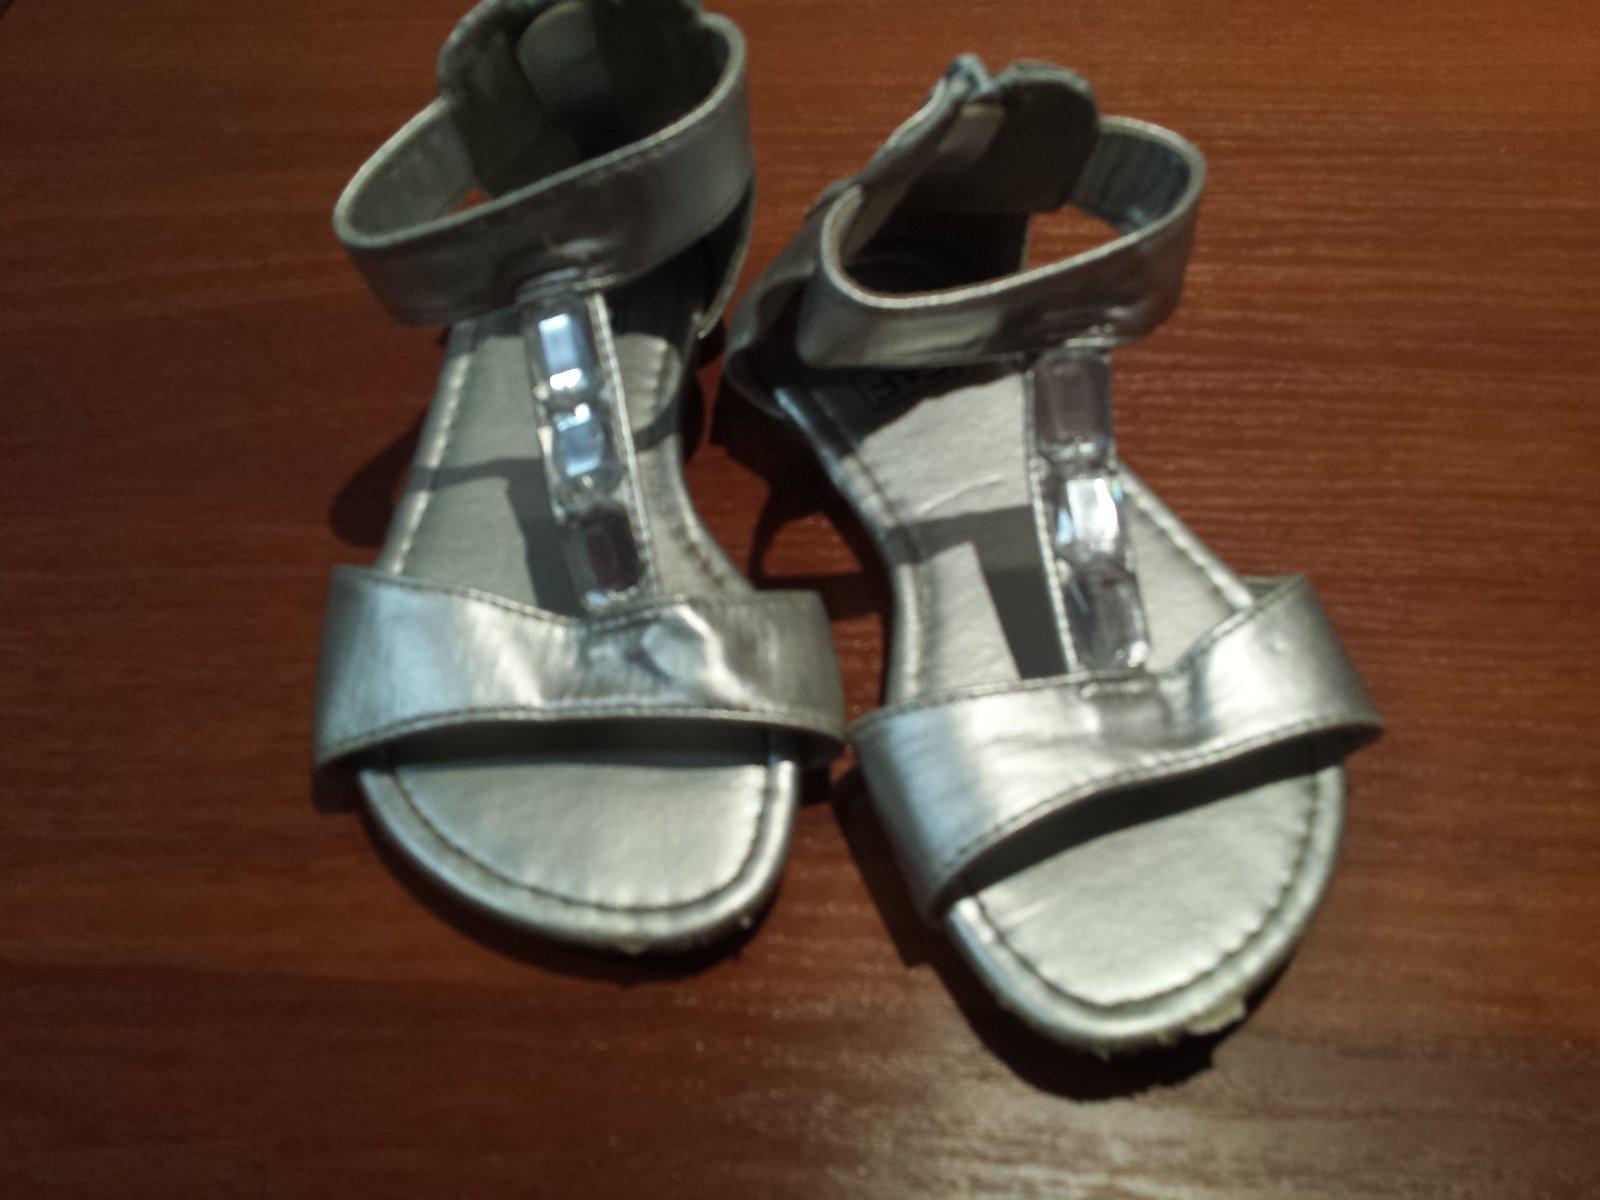 9b49b4f69adb5 Strieborné sandálky s kamienkami, f&f,28 - 5,50 € od predávajúcej kvv |  Detský bazár | ModryKonik.sk